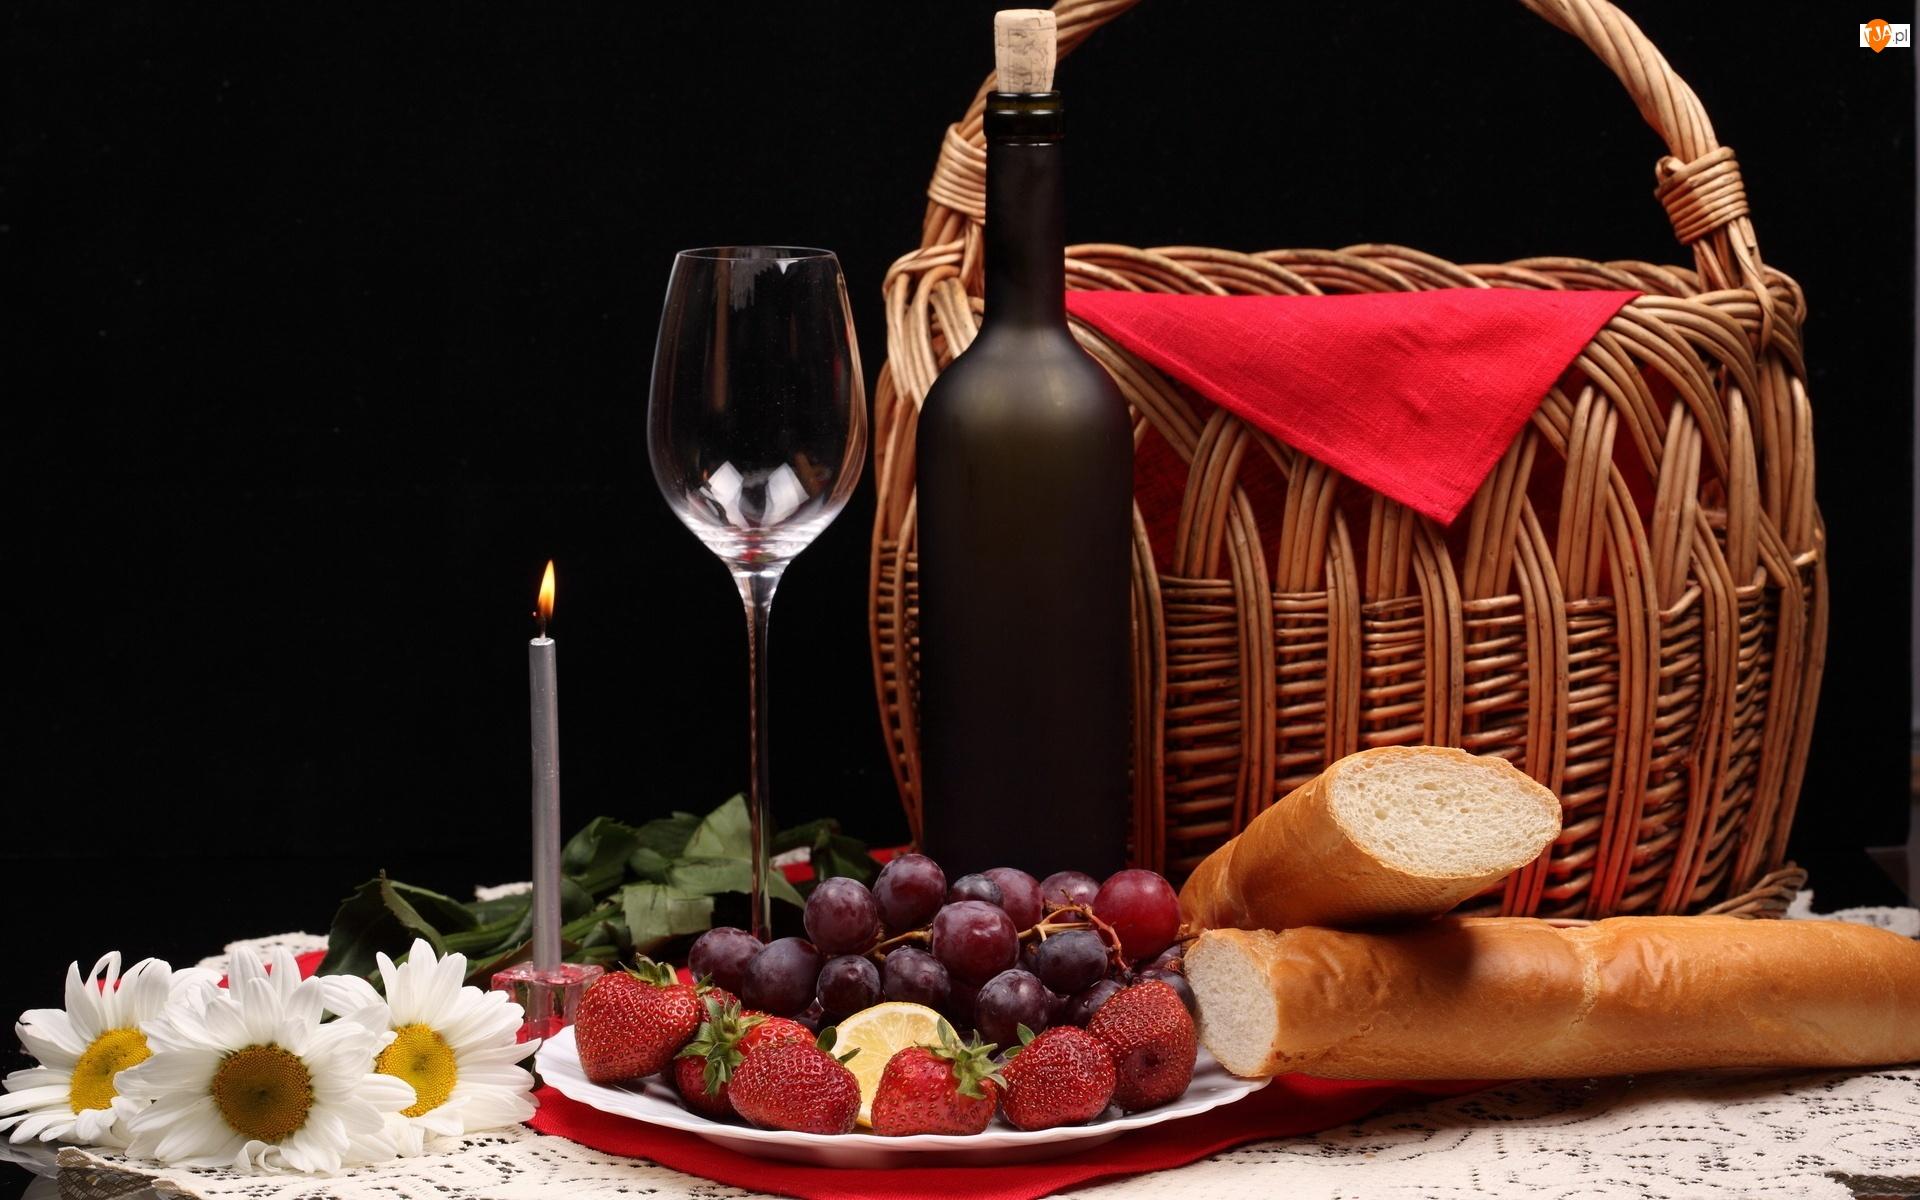 Kieliszki, Koszyk, Wino, Owoce